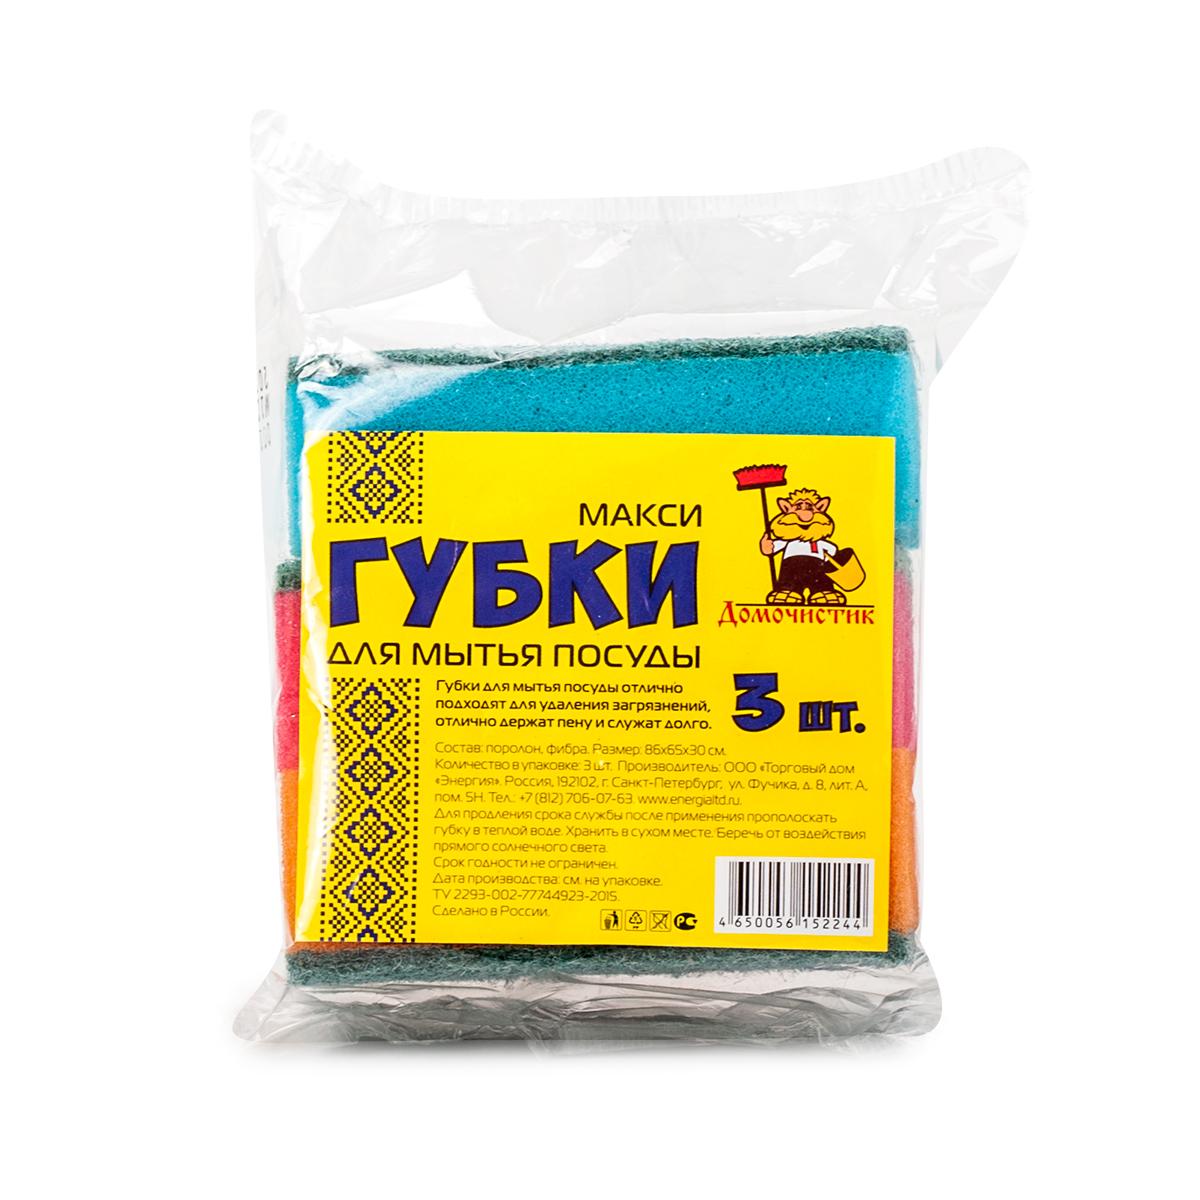 Губка для мытья посуды Домочистик Макси, 3 шт. 13002